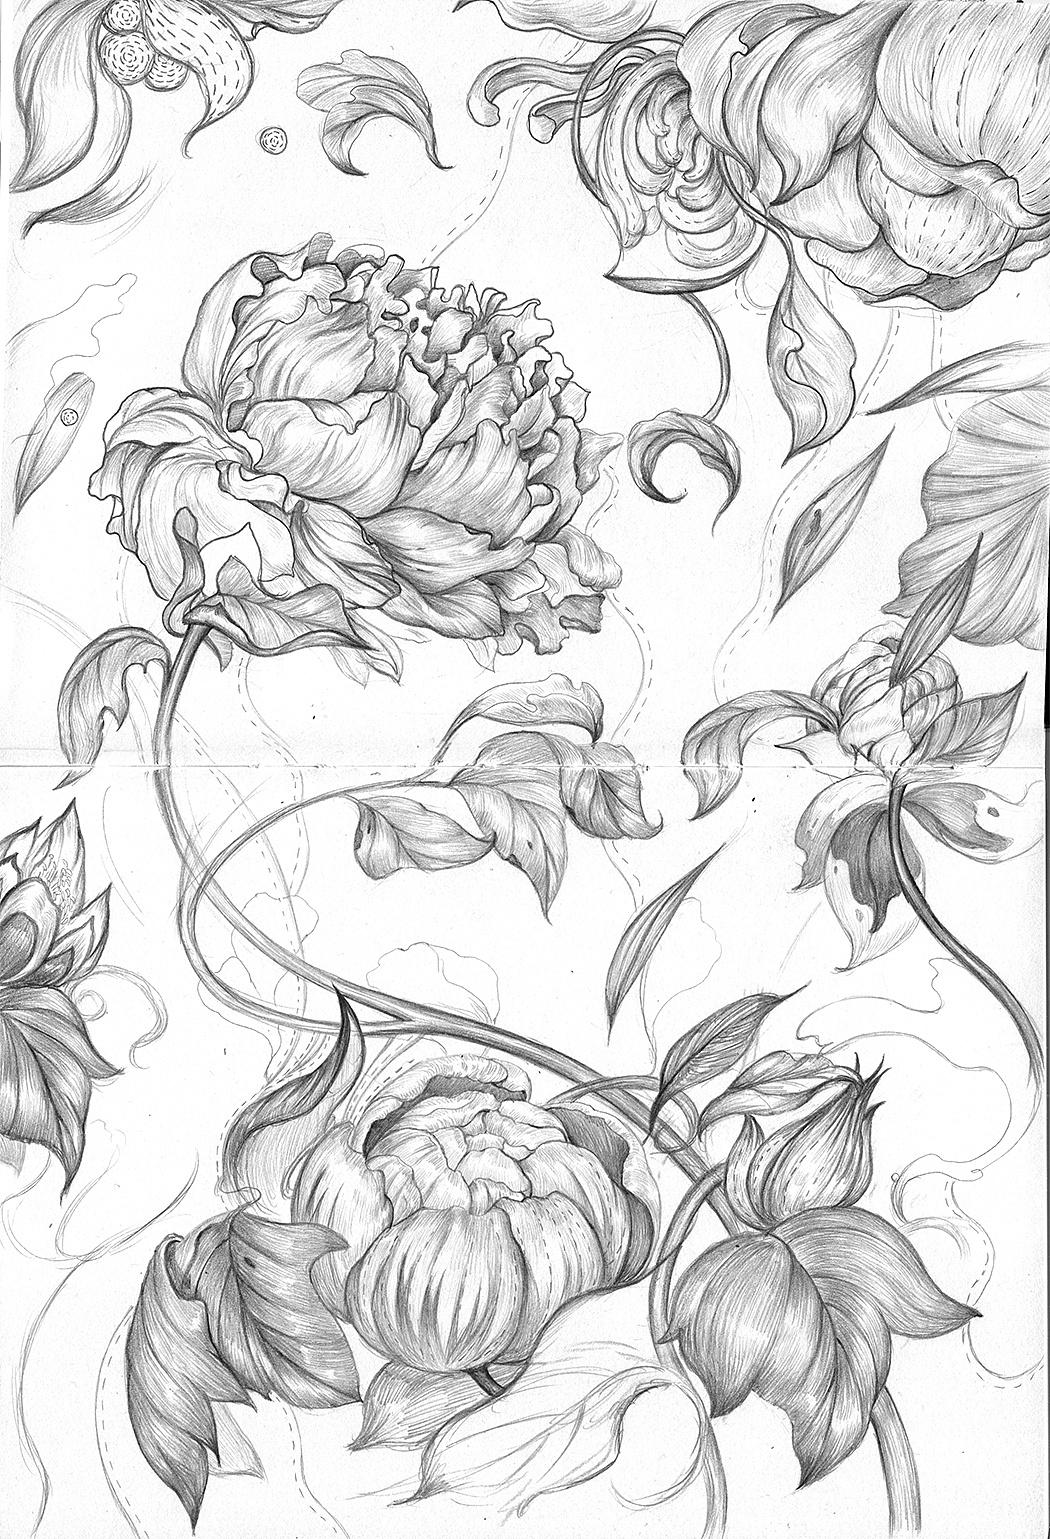 一些关于植物类的手绘插画